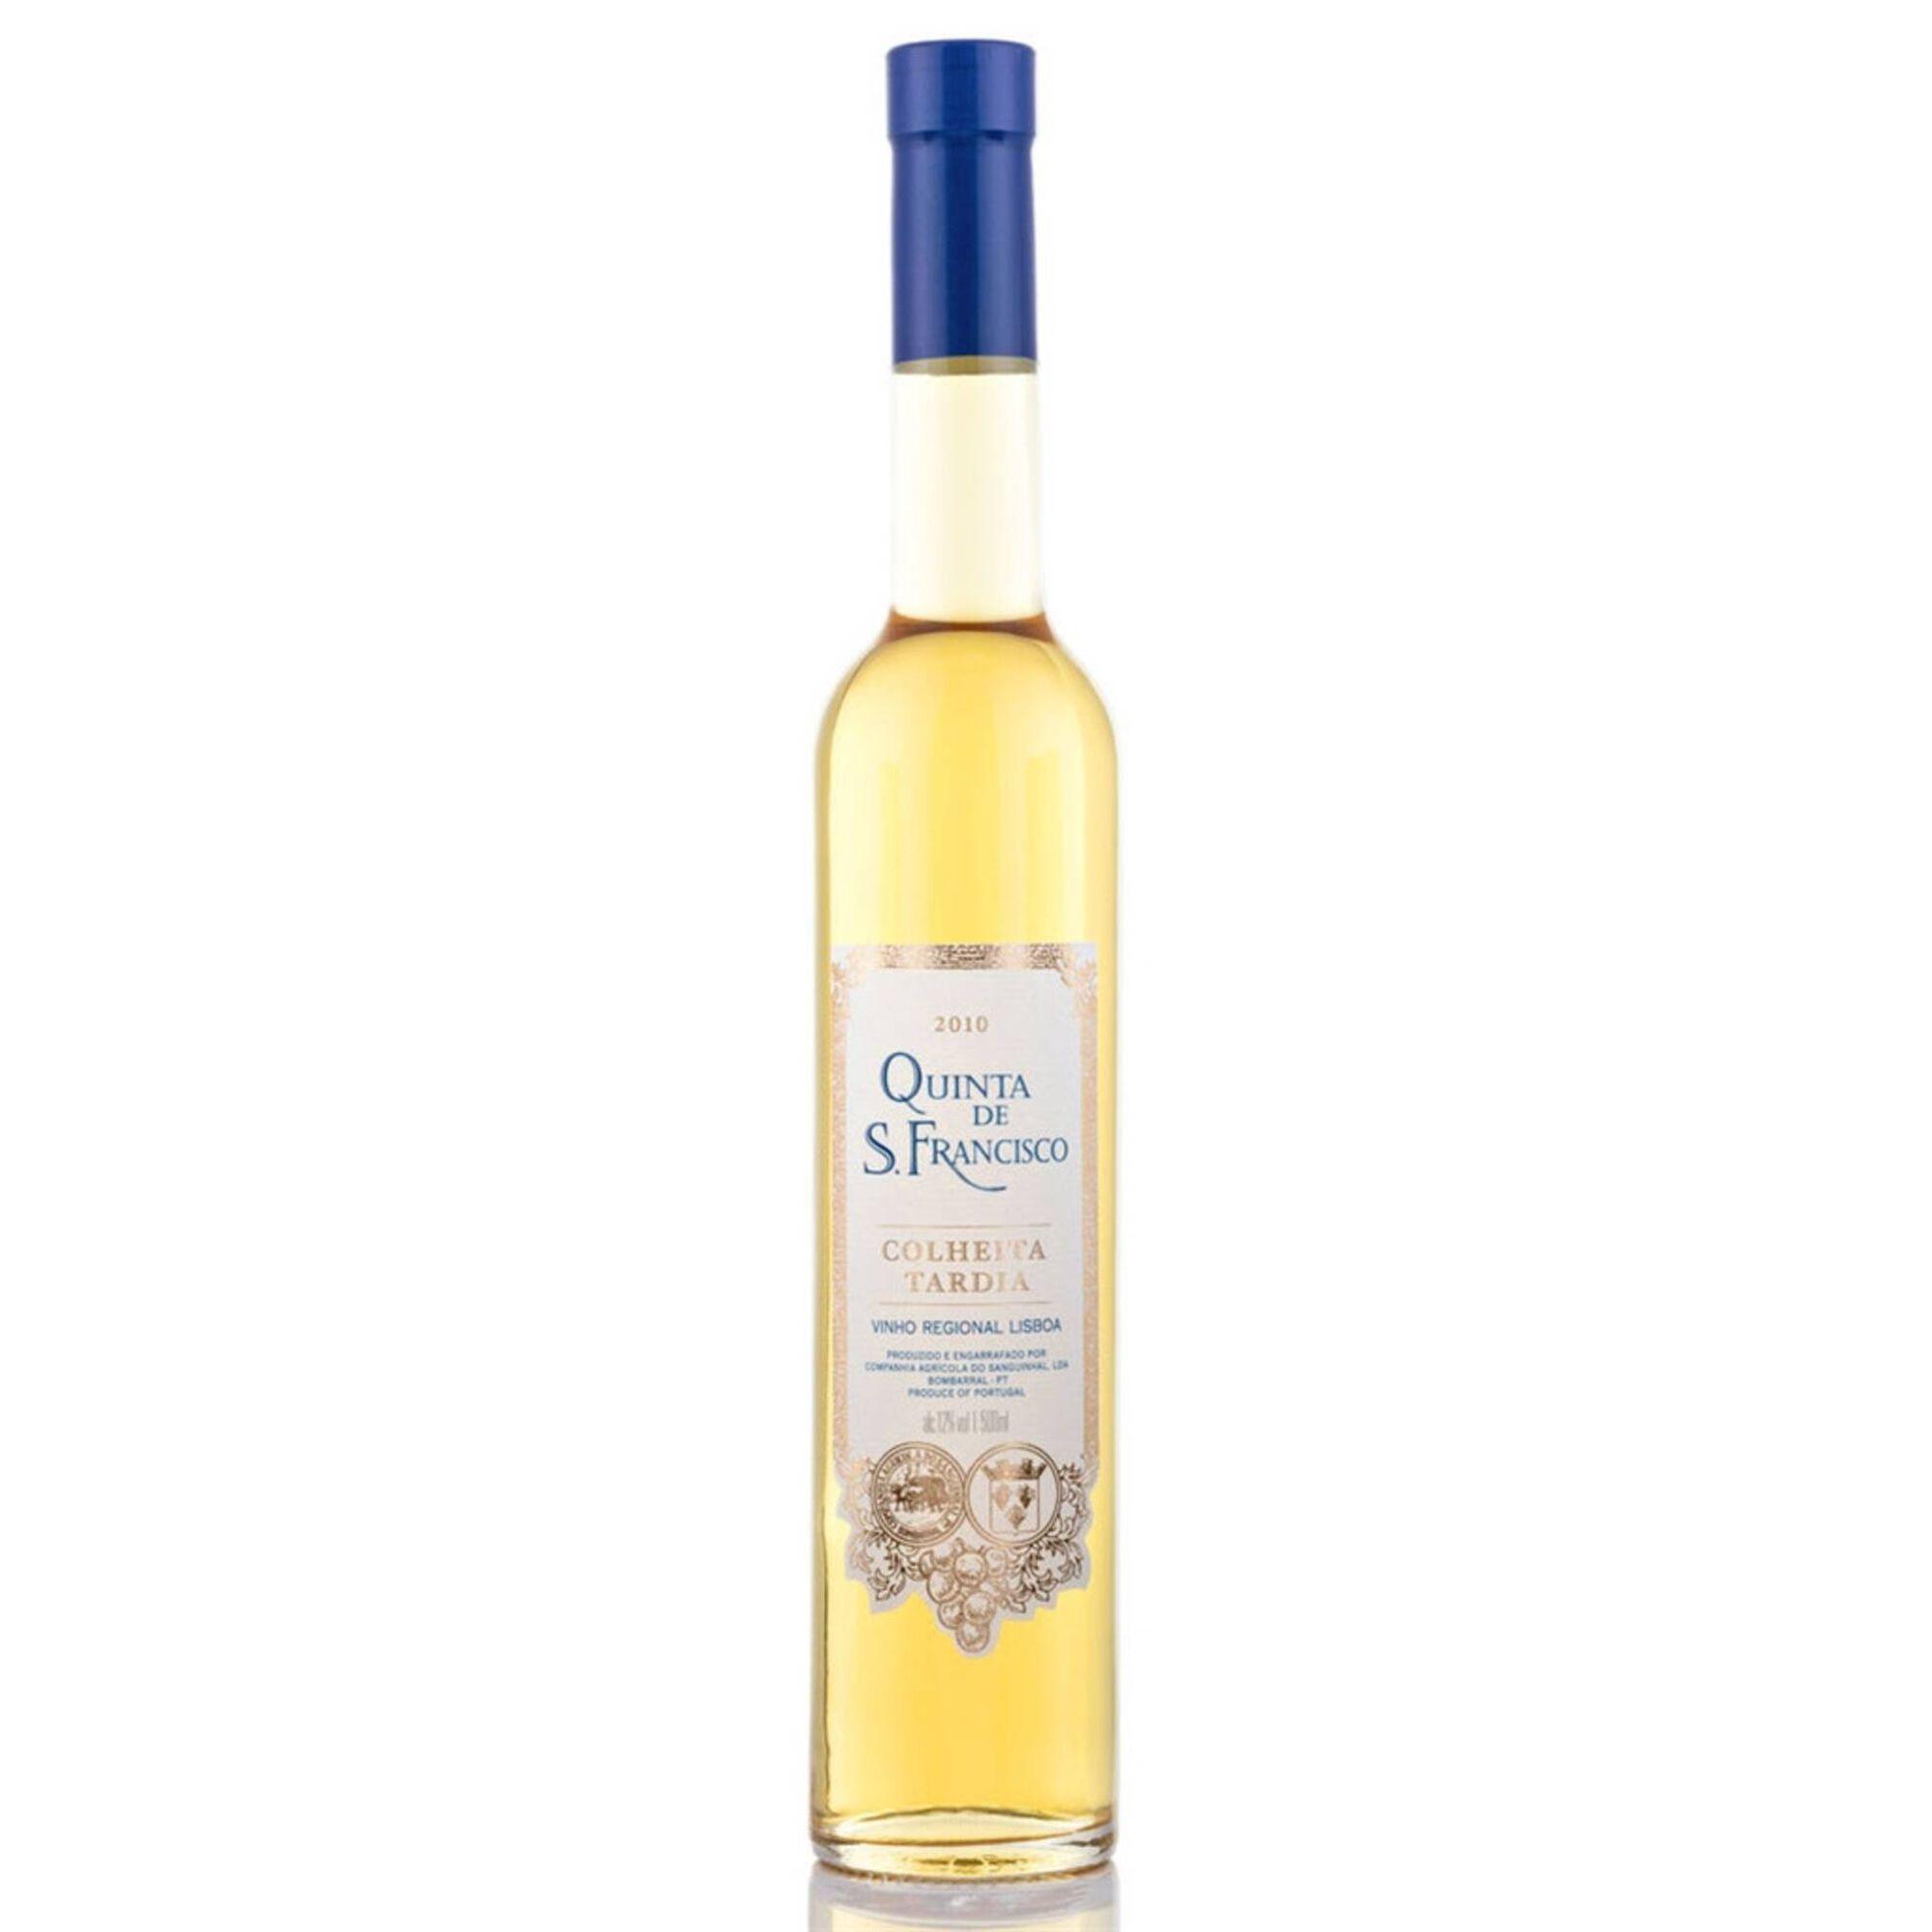 Quinta de São Francisco Colheita Tardia Regional Lisboa Vinho Branco